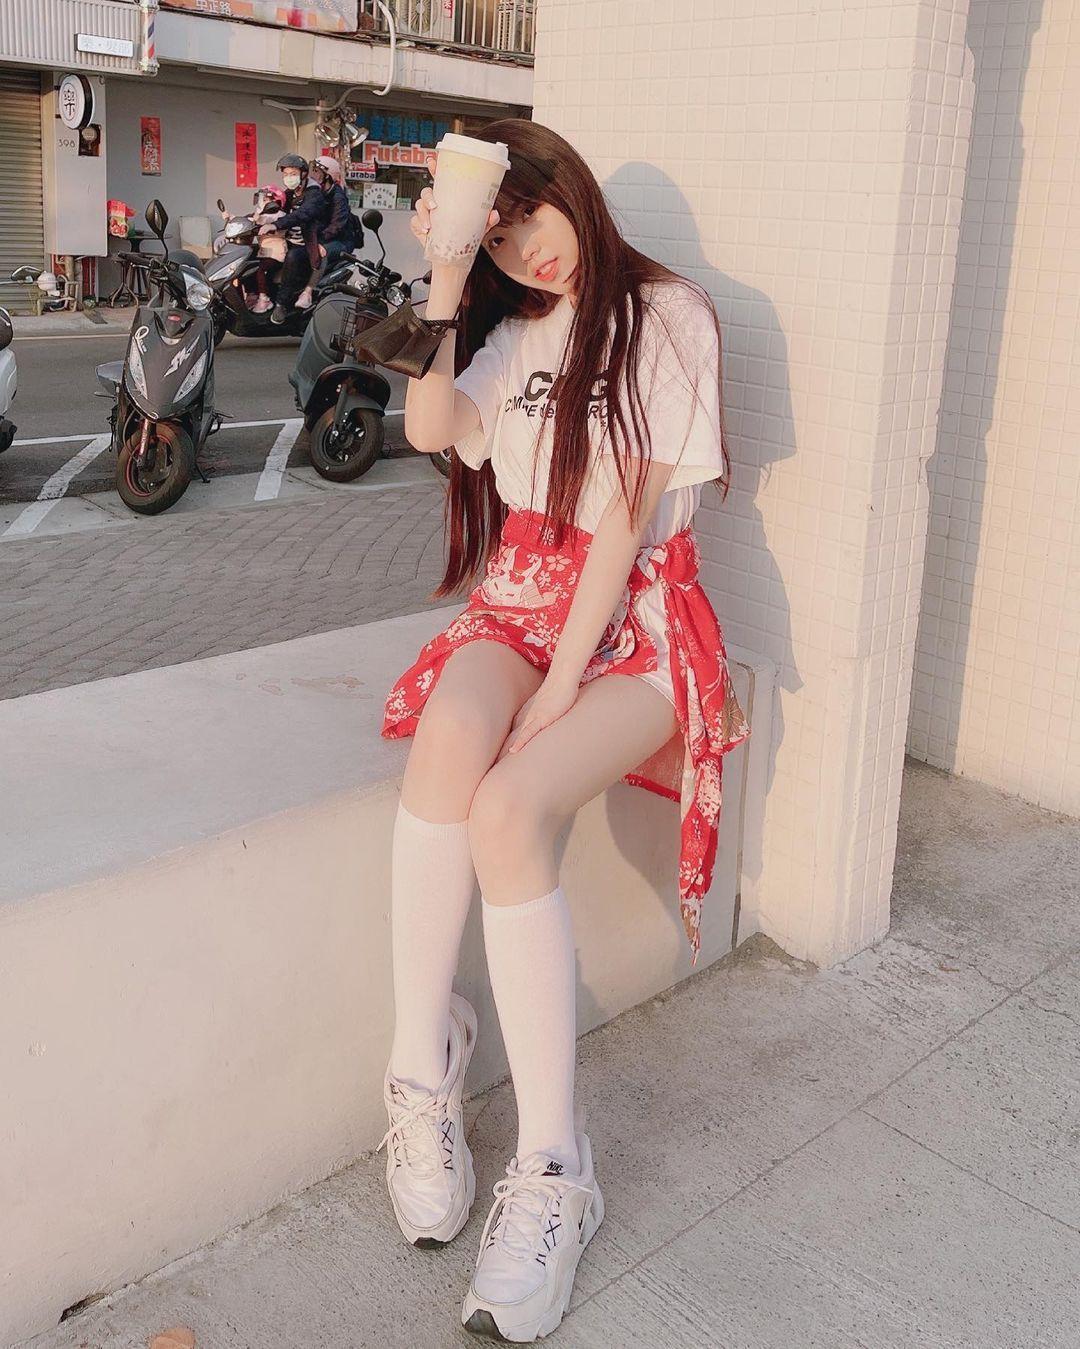 清新可爱的「软萌系美女」赵兔兔,性感旗袍小露,粉丝看到受不了. 养眼图片 第14张